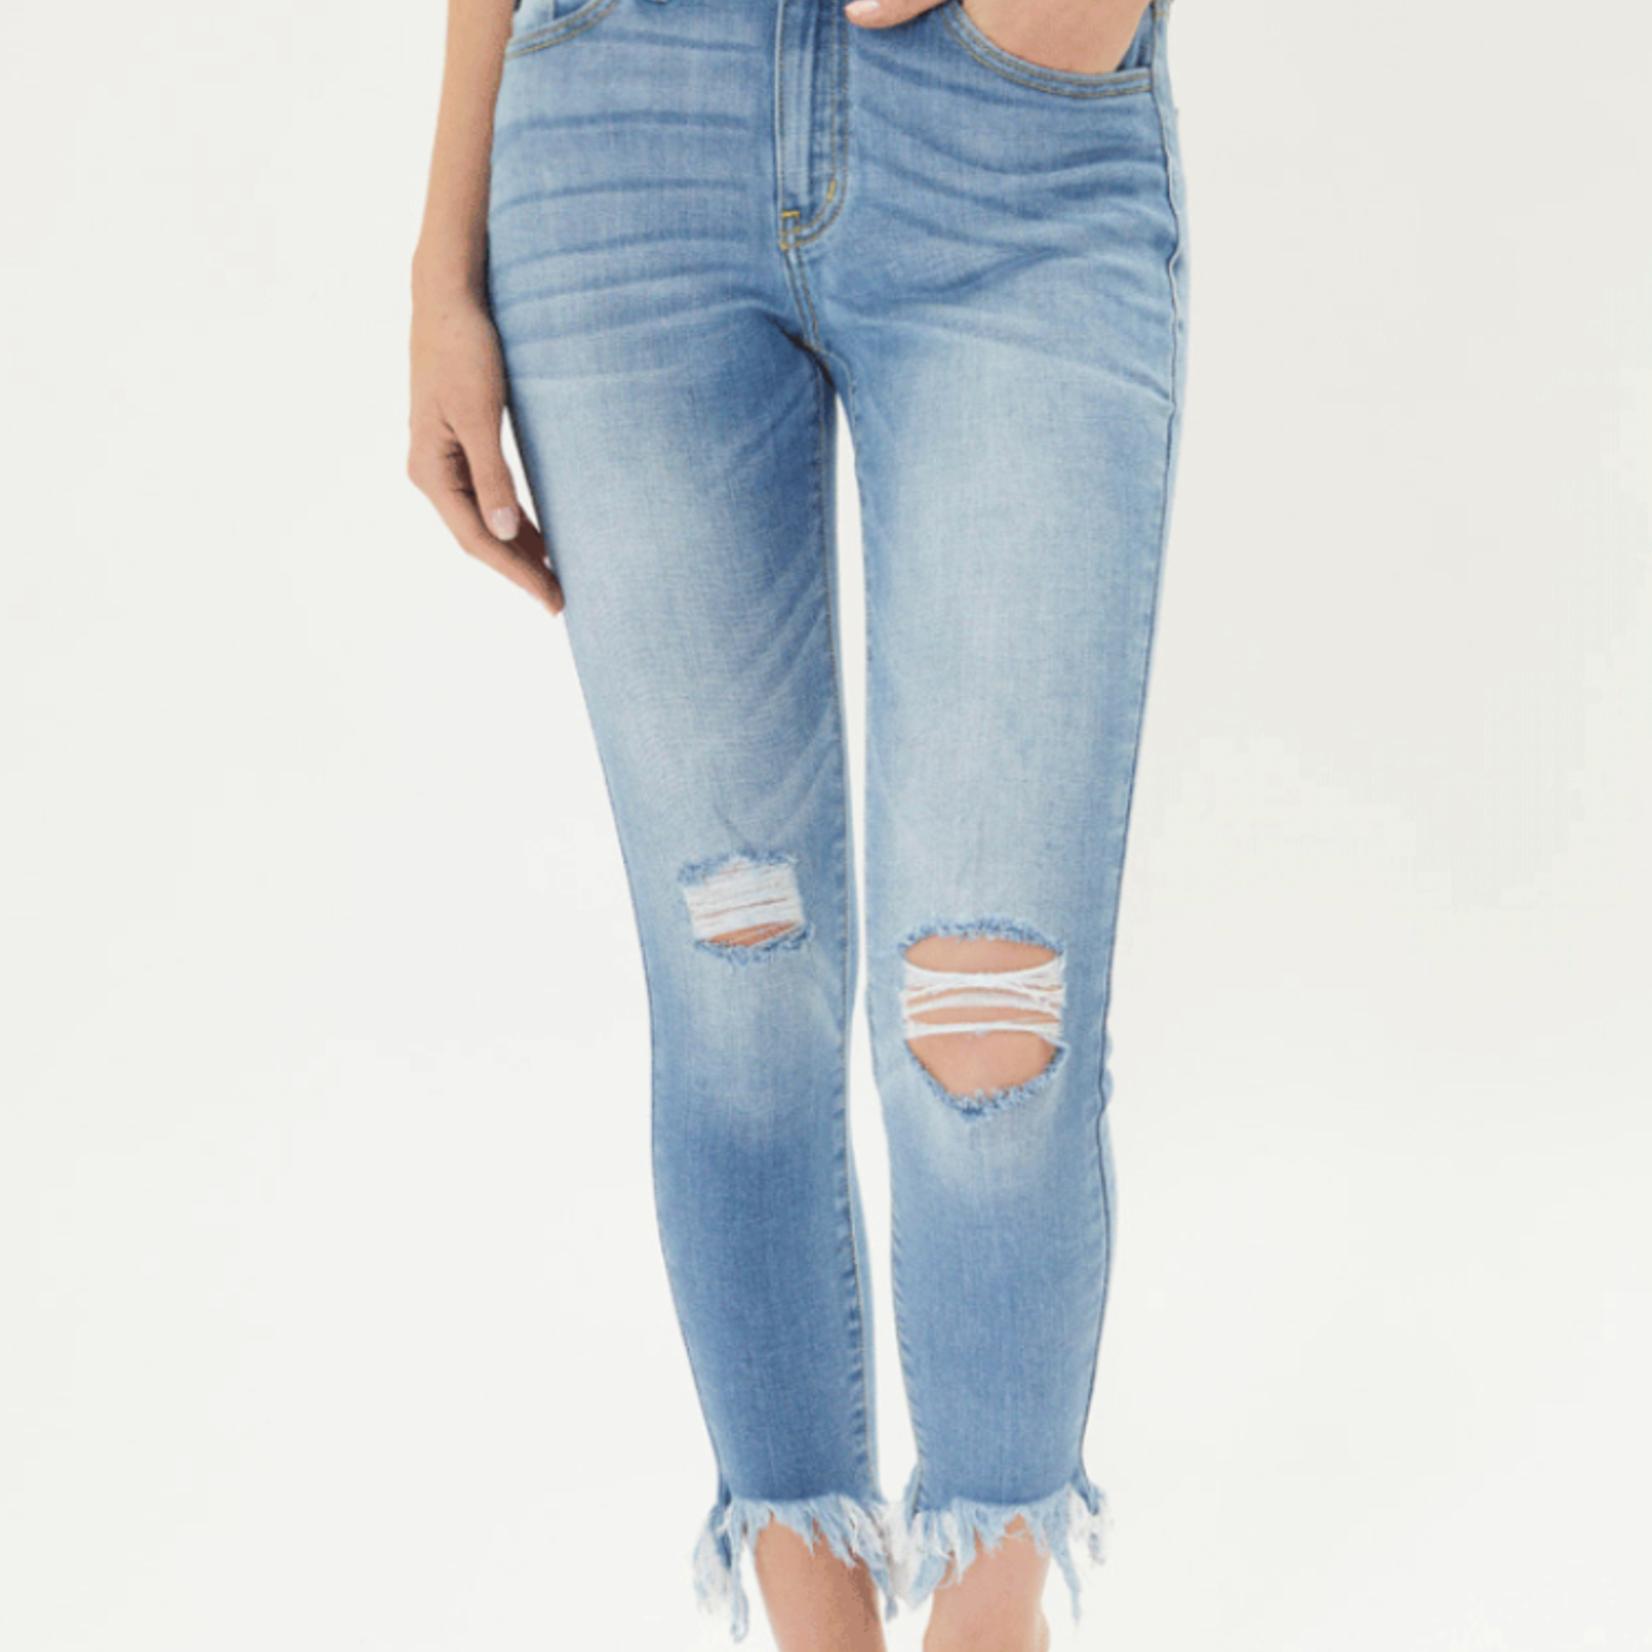 Kancan Delilah High Rise Super Skinny Jeans KC8443L